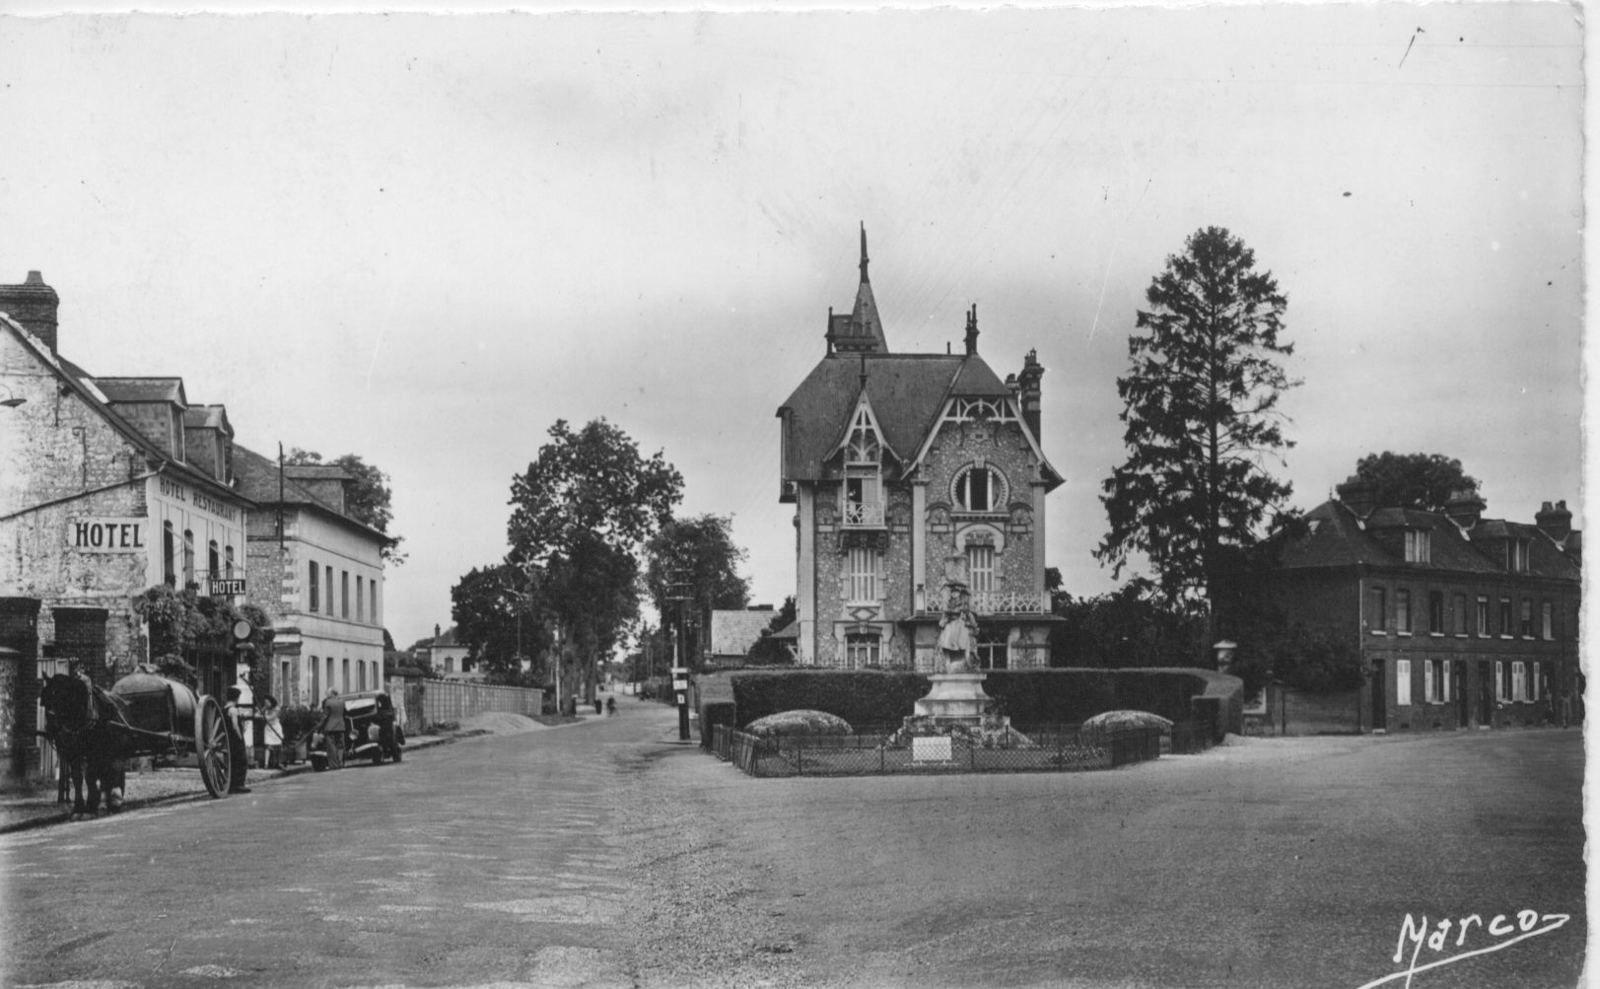 La route d'Elbeuf, future rue Général-de-Gaulle, sur une carte postale datant des années 1910.